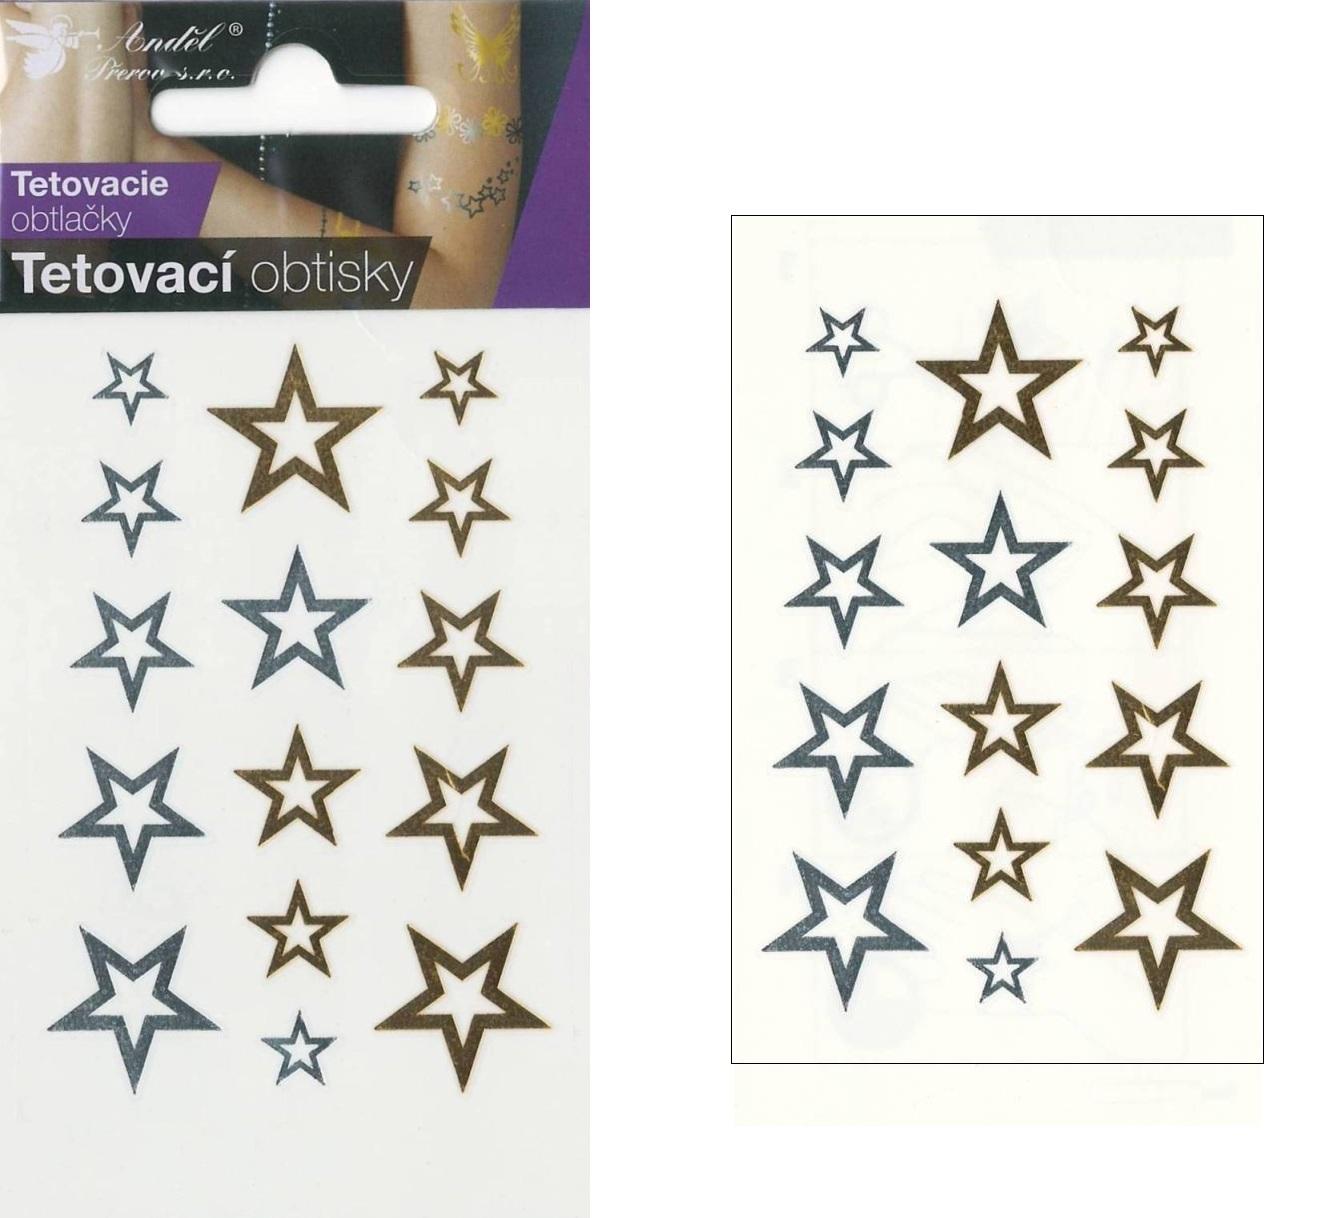 Obtisky tetovací zlaté a stříbrné 10,5x6 cm- hvězdy